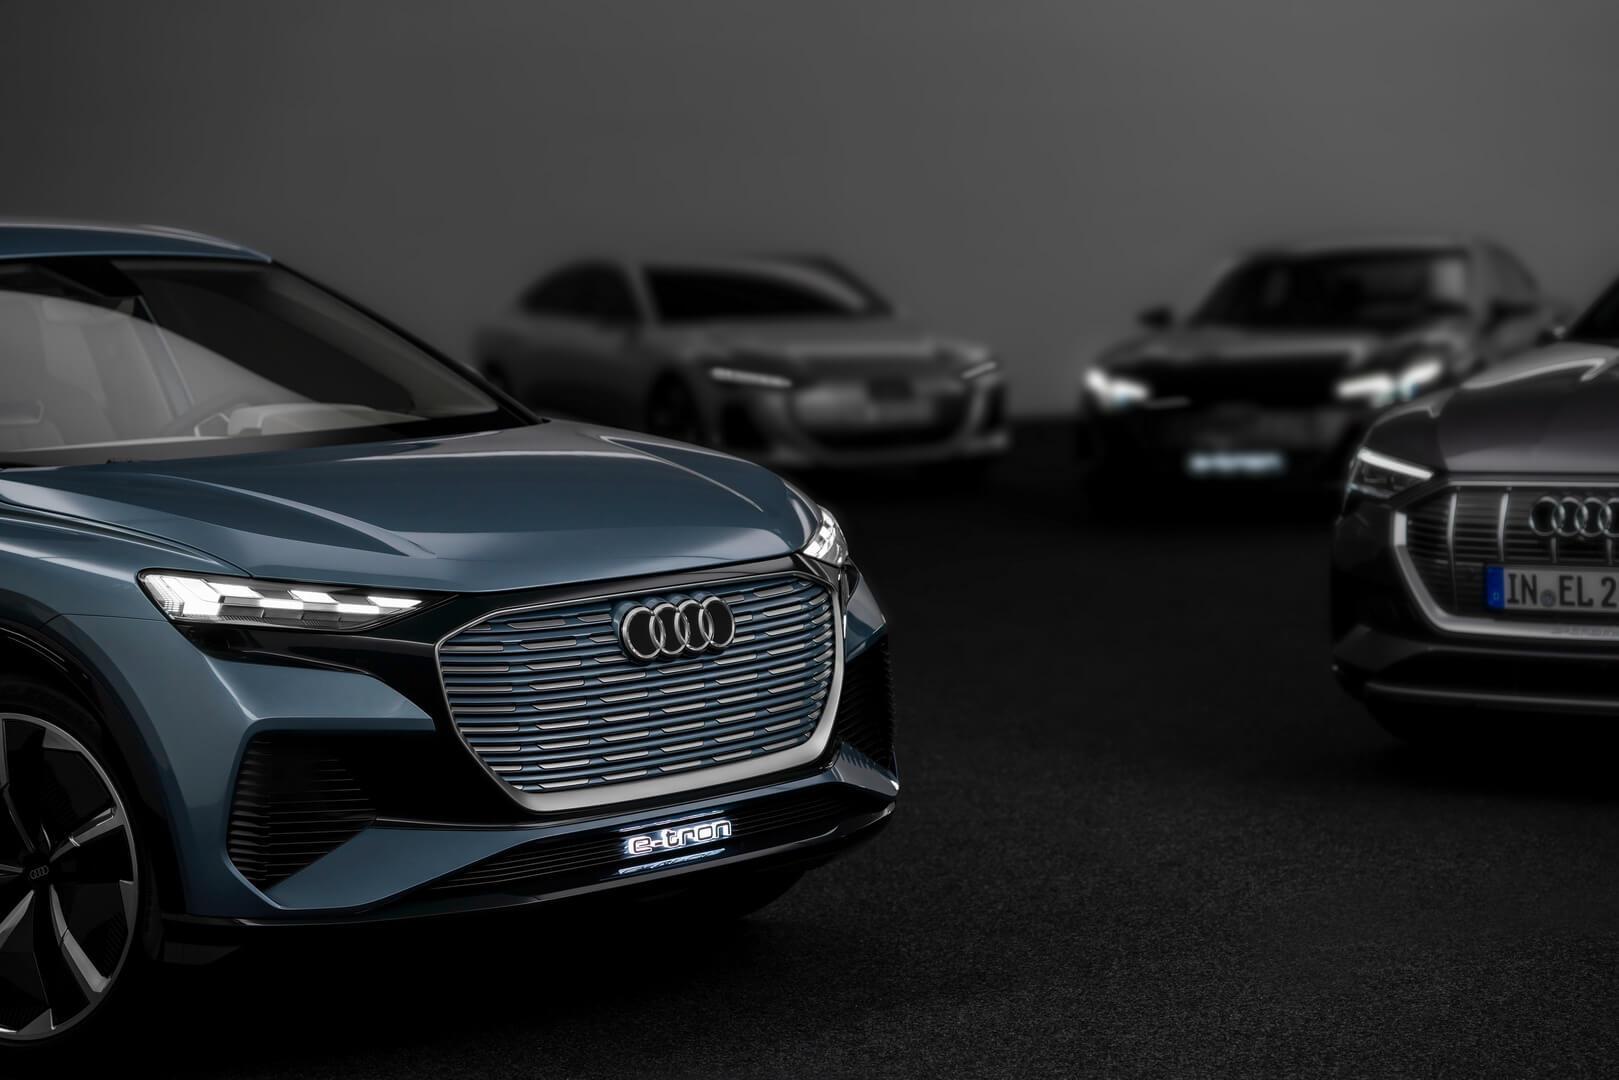 Audi демонстрирует тизер 4-х дверного электрического купе